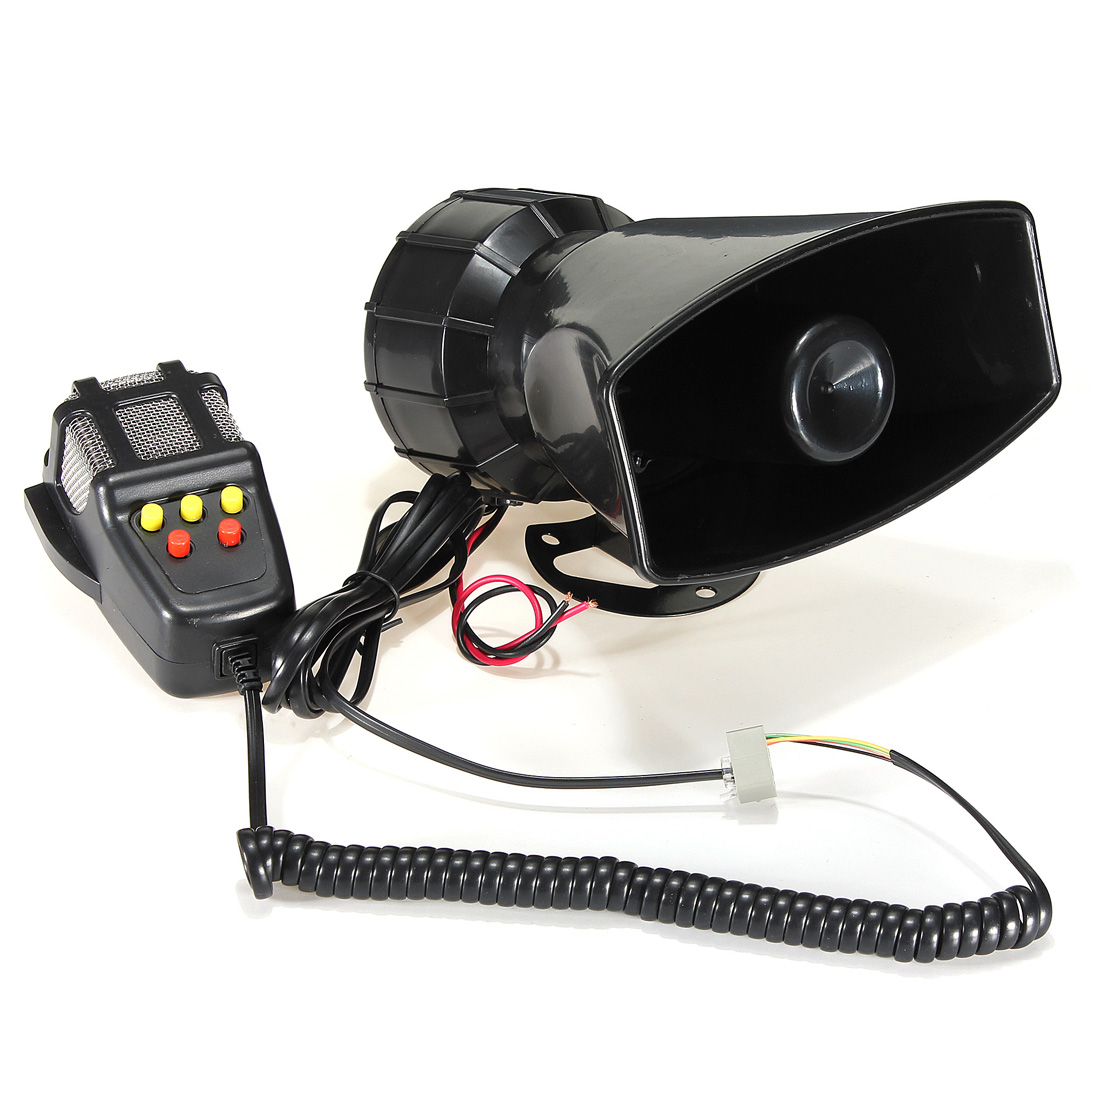 Gehorsam 12 V Trompeten Horn Lautsprecher Miniphone Auto Moto 105db Kuh + Sirenen + Songs SchöN Und Charmant